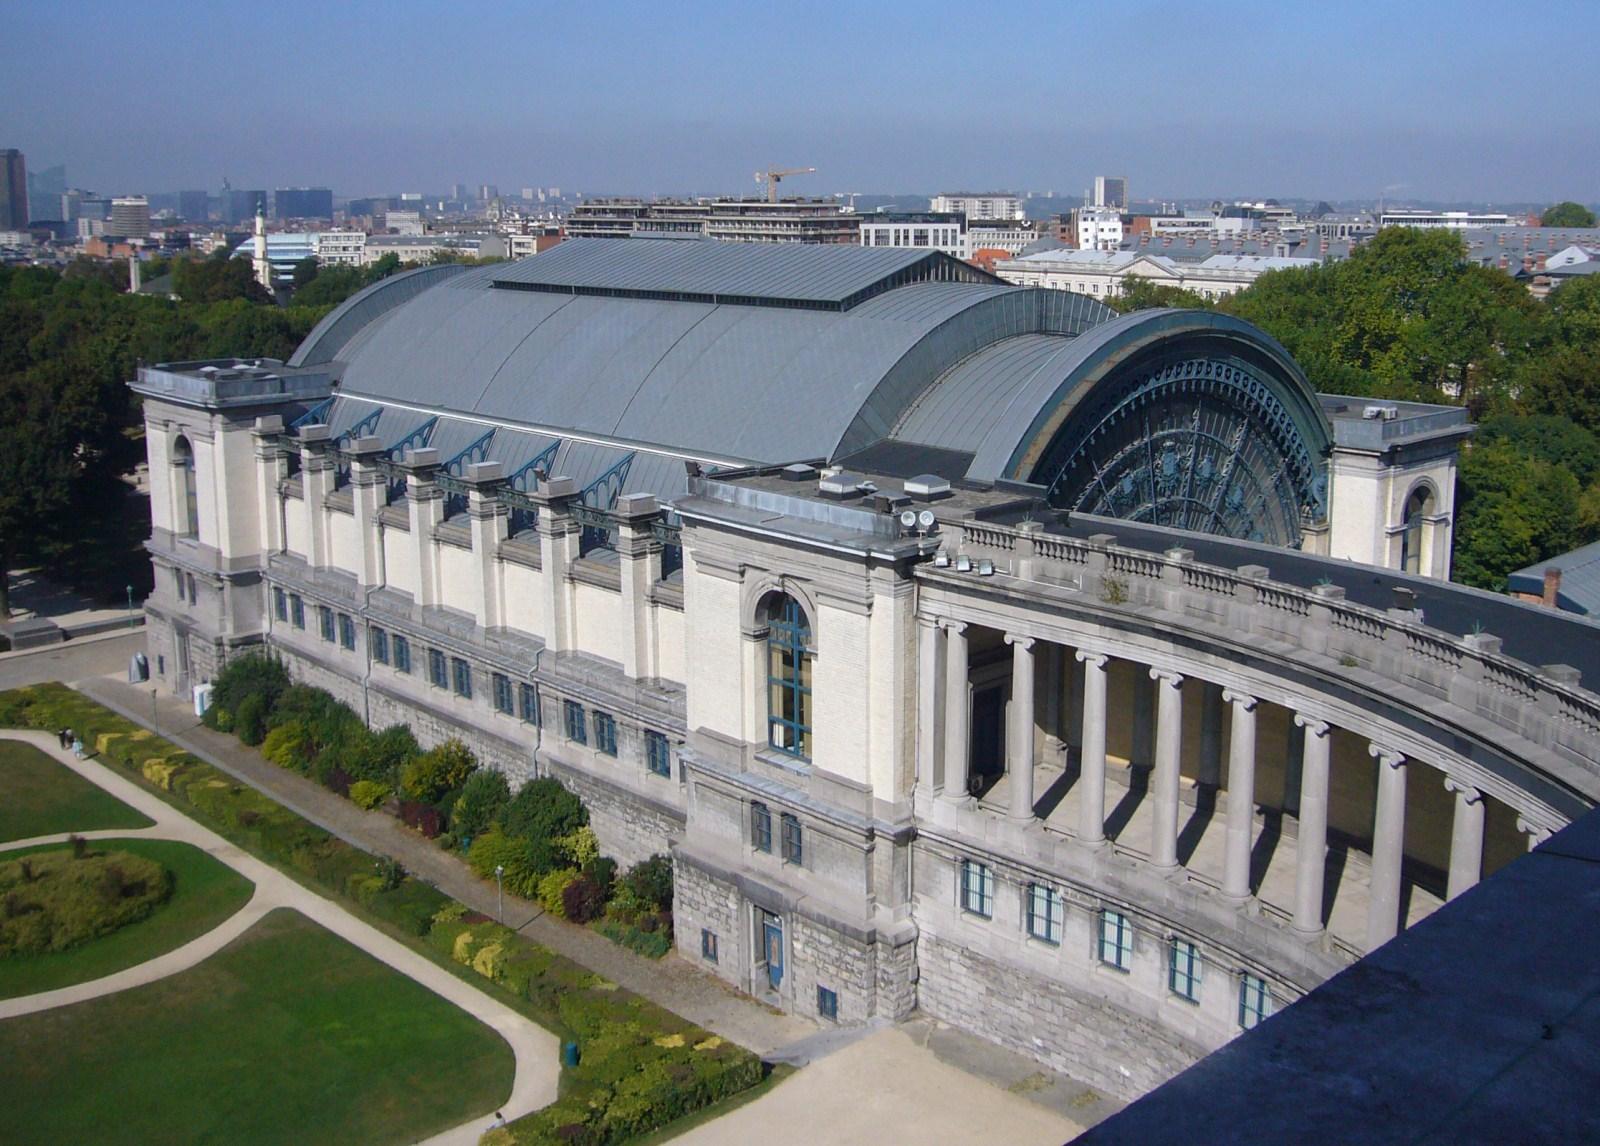 Vue du pavillon nord de 1880, abritant le Musée de l'Armée et d'Histoire militaire, depuis l'arcade du Cinquantenaire., 2009